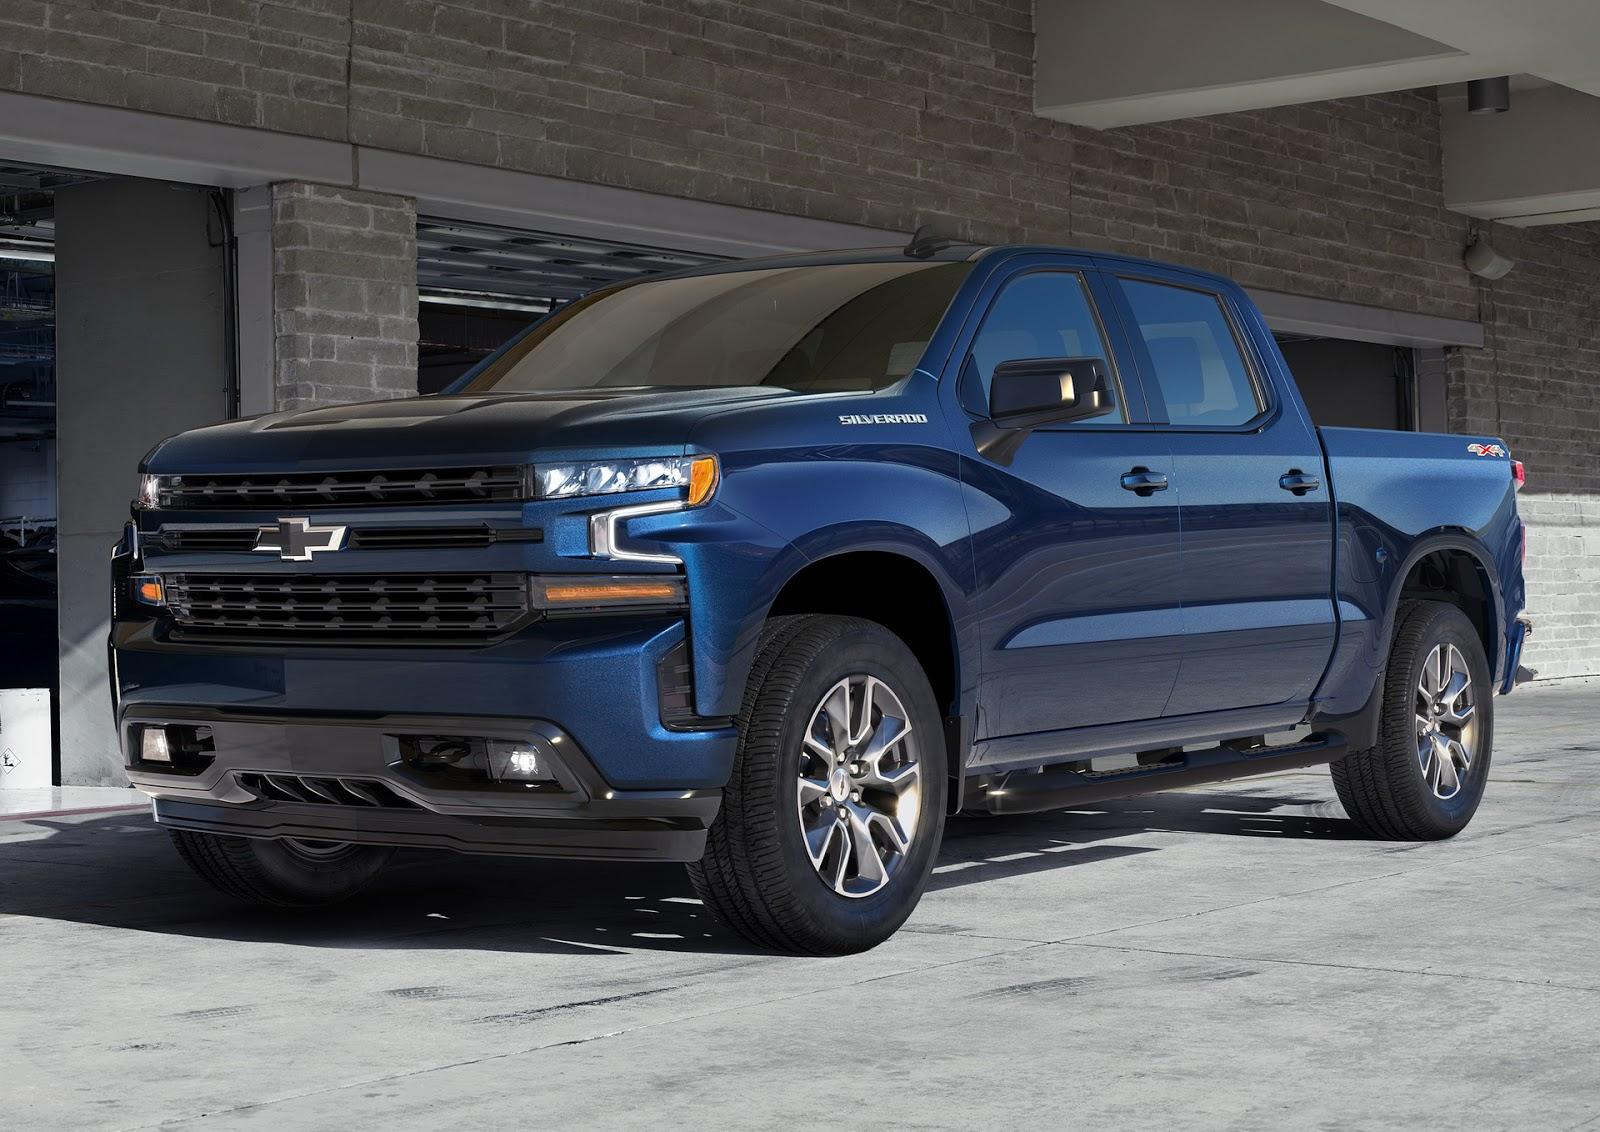 2019-Chevrolet-Silverado-004